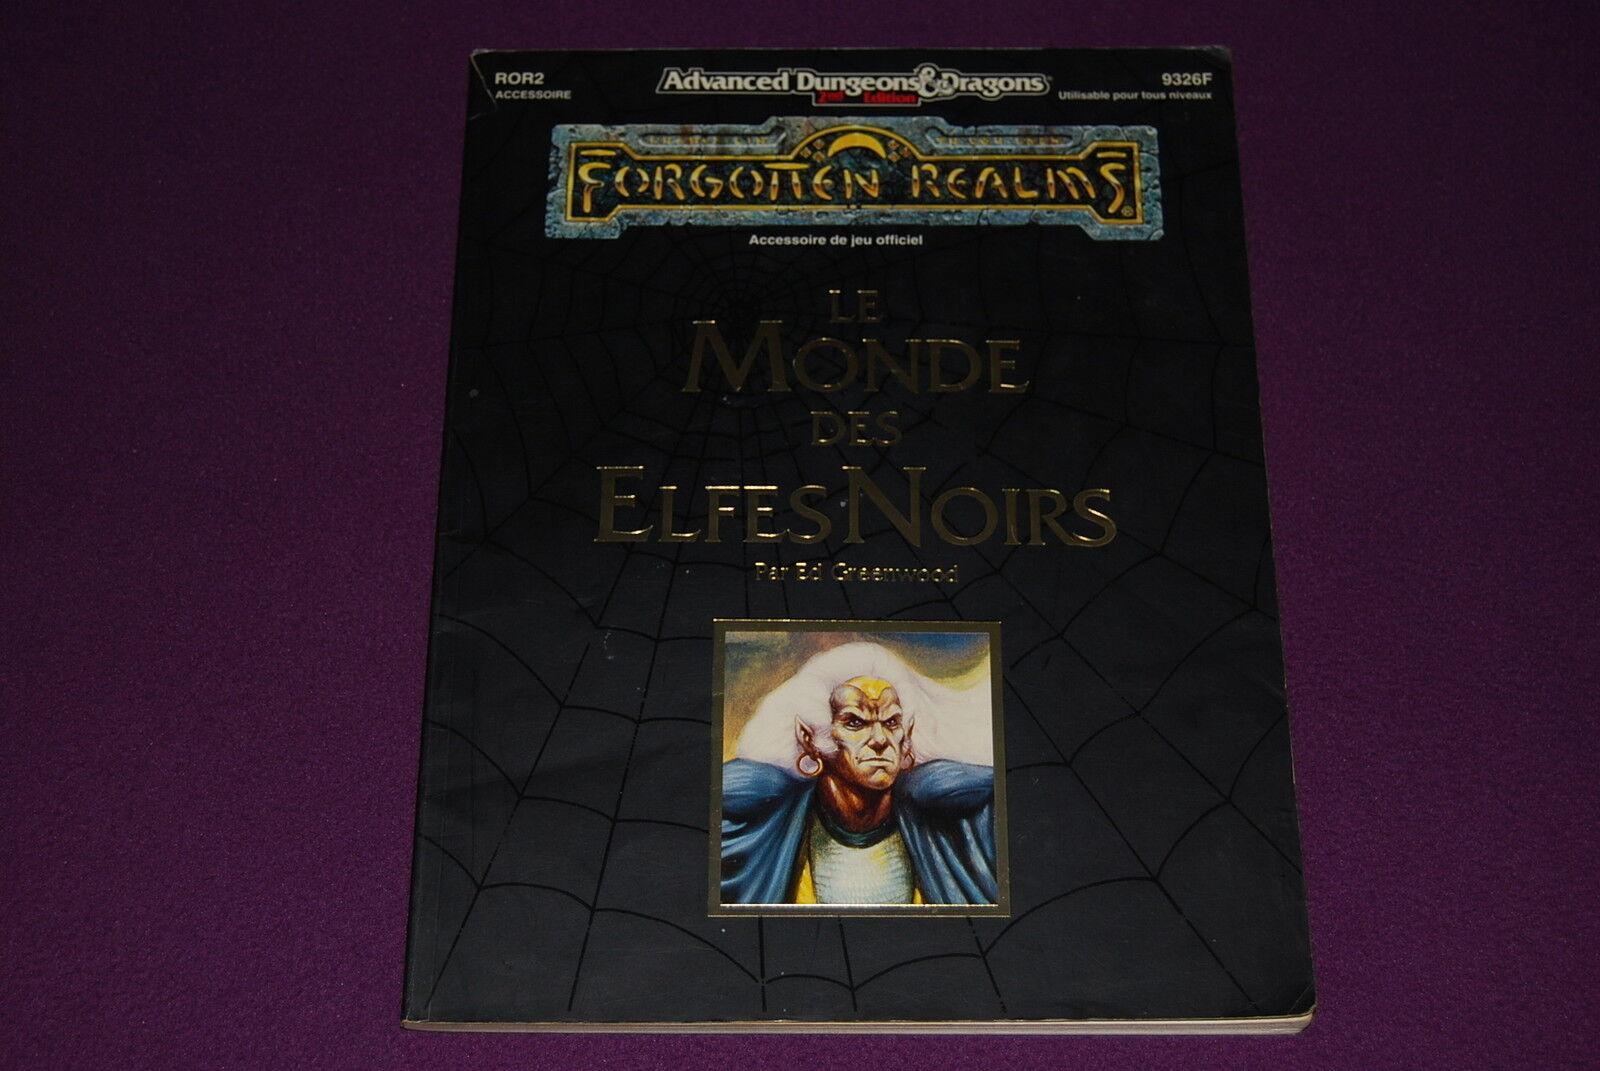 AD&D JDR Jeu de Role - Royaumes Oubliés   Le Monde des Elfes blacks (ROR2)